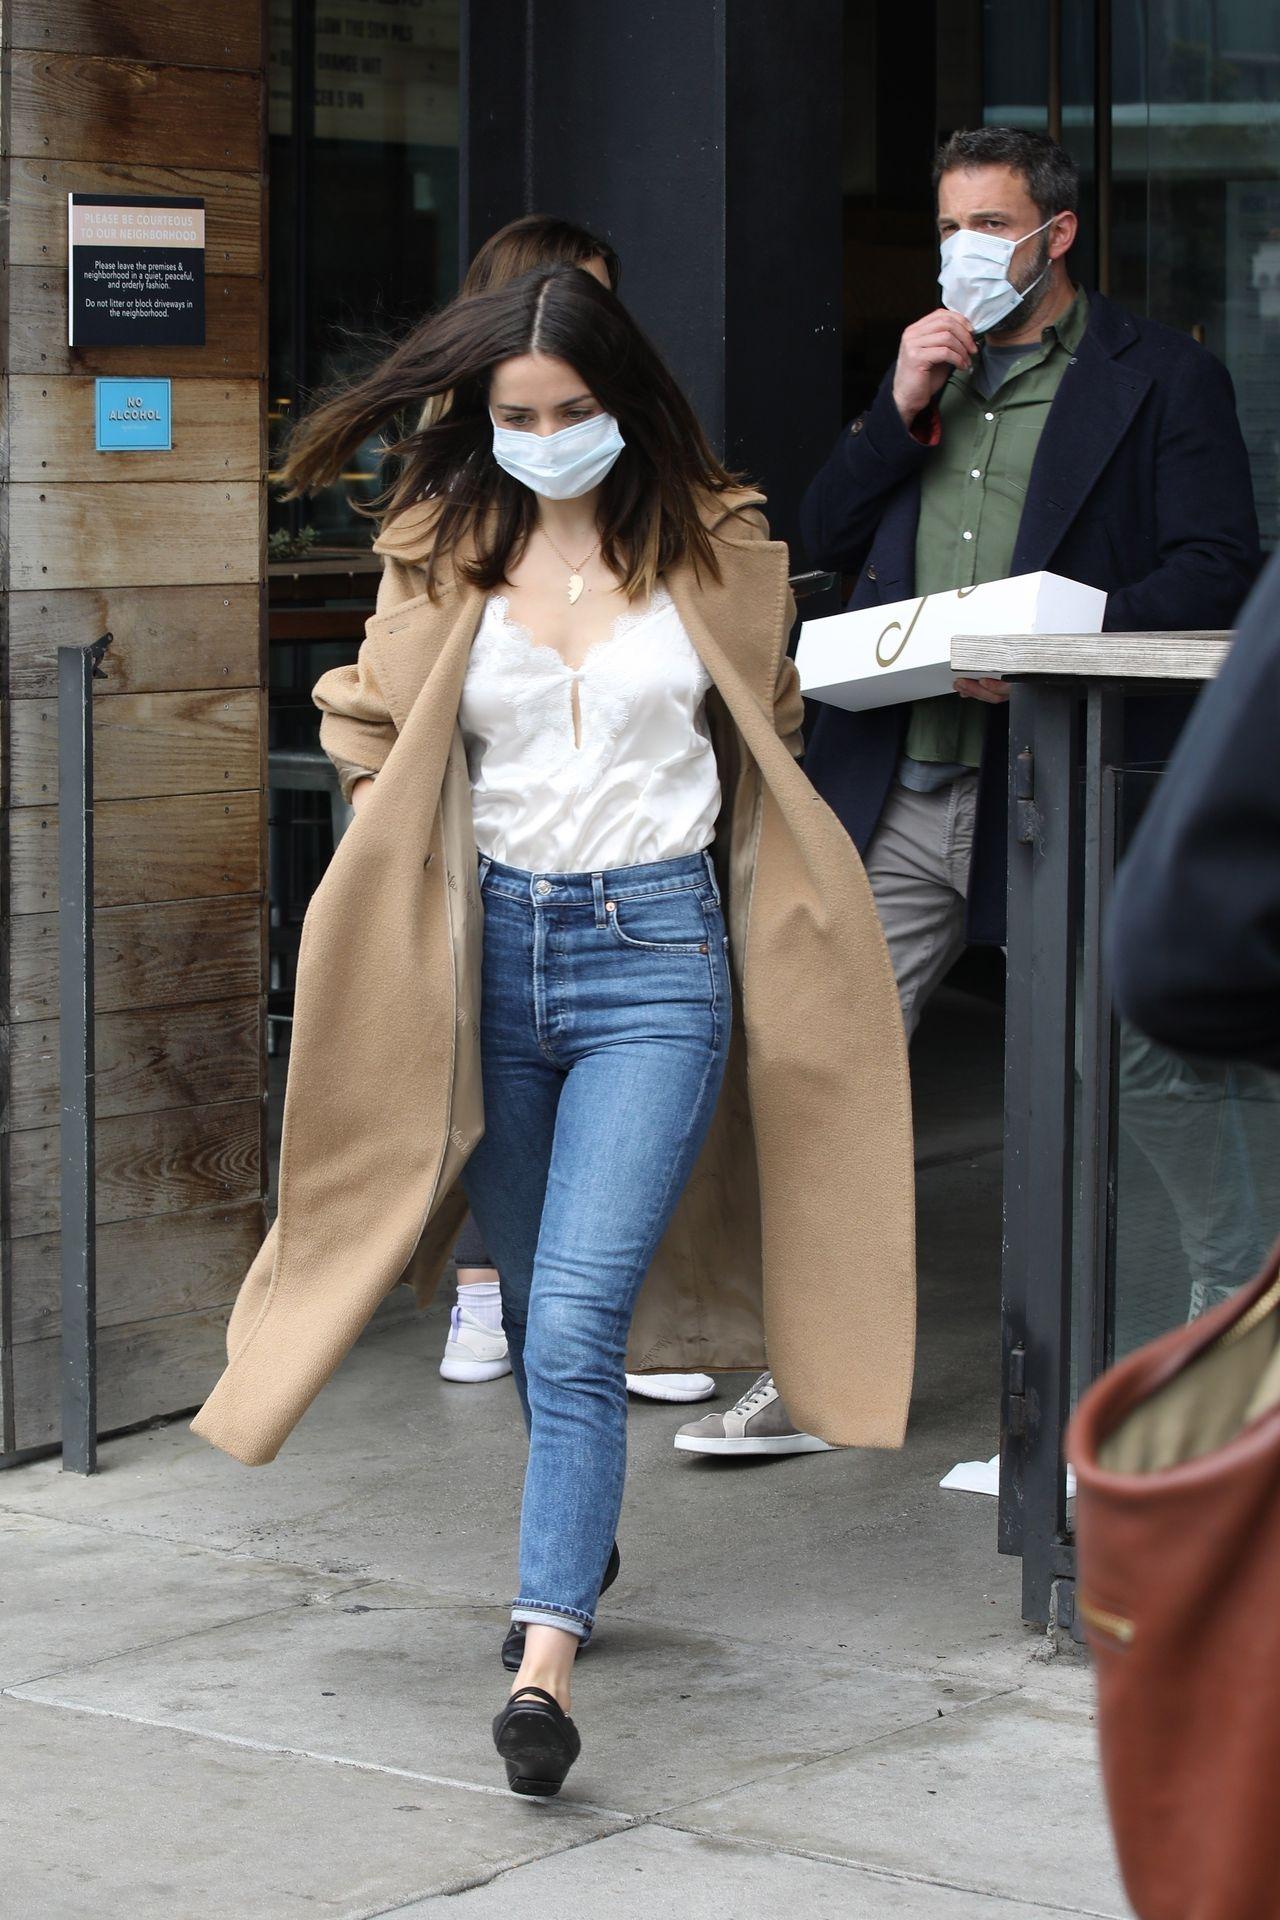 Ana de Armas i Ben Affleck w maseczkach wychodzą ze sklepu z pączkami